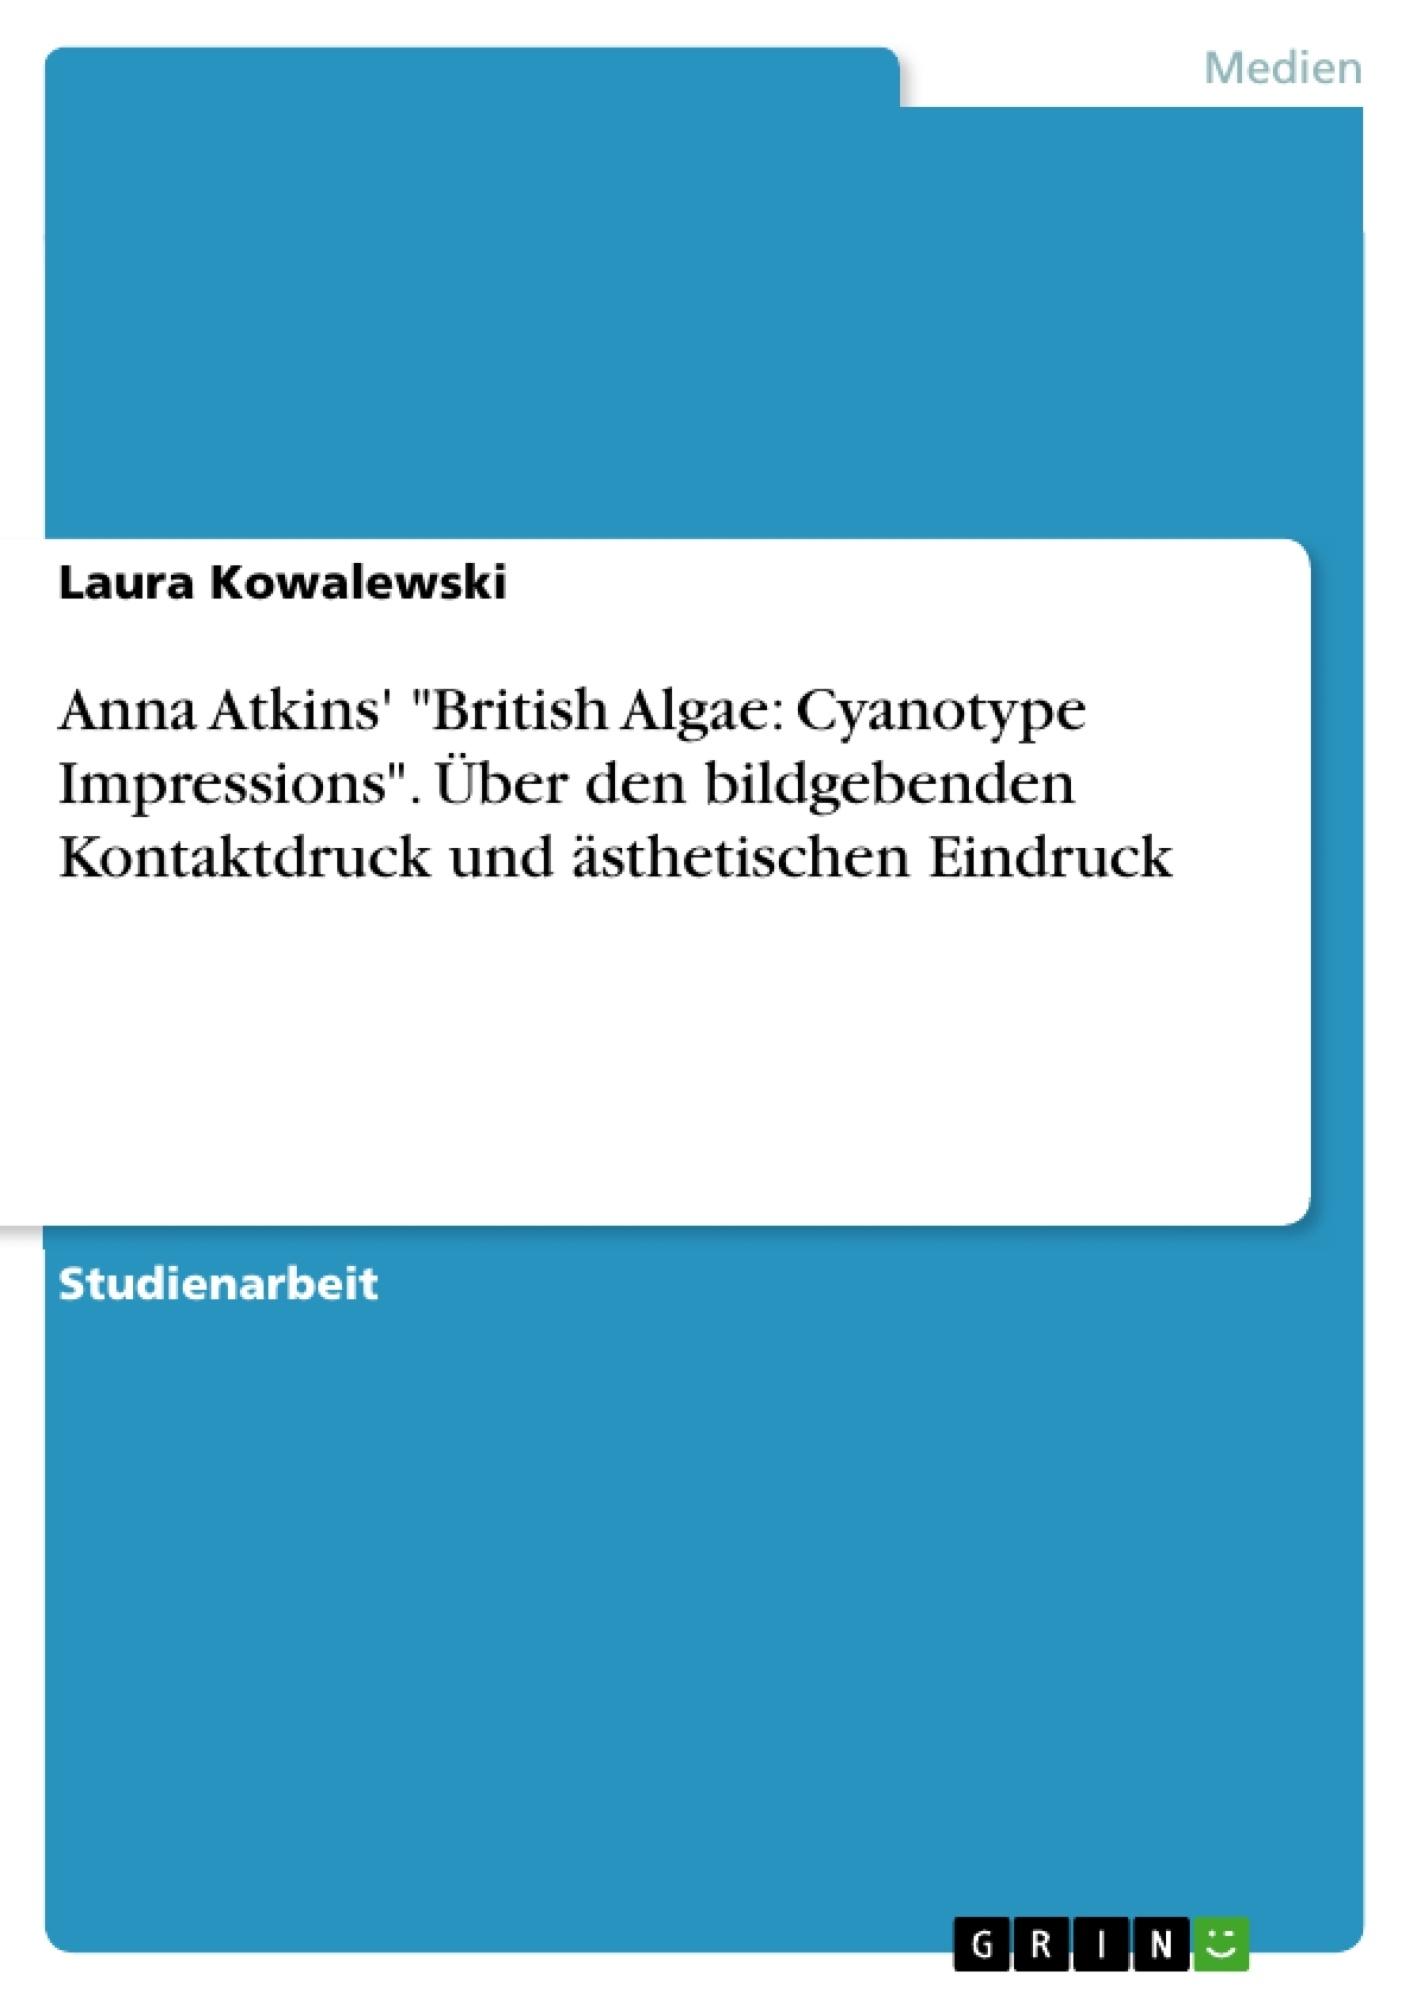 """Titel: Anna Atkins' """"British Algae: Cyanotype Impressions"""". Über den bildgebenden Kontaktdruck und ästhetischen Eindruck"""